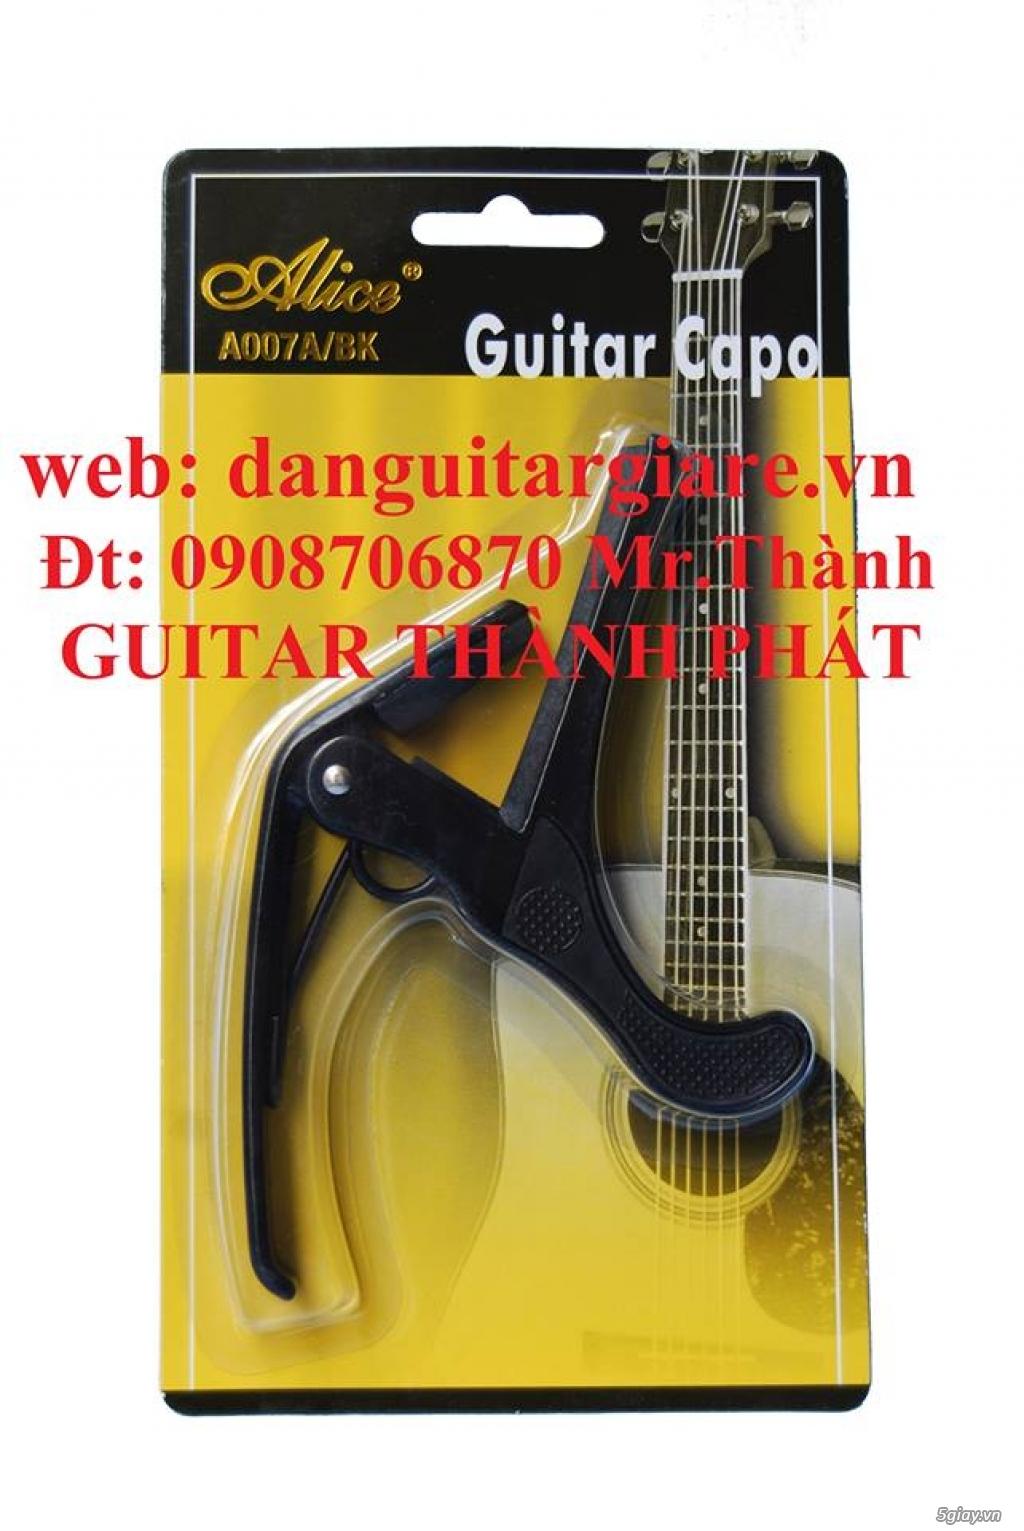 phụ kiện guitar giá rẻ - phụ kiện guitar giá rẻ gò vấp - 5